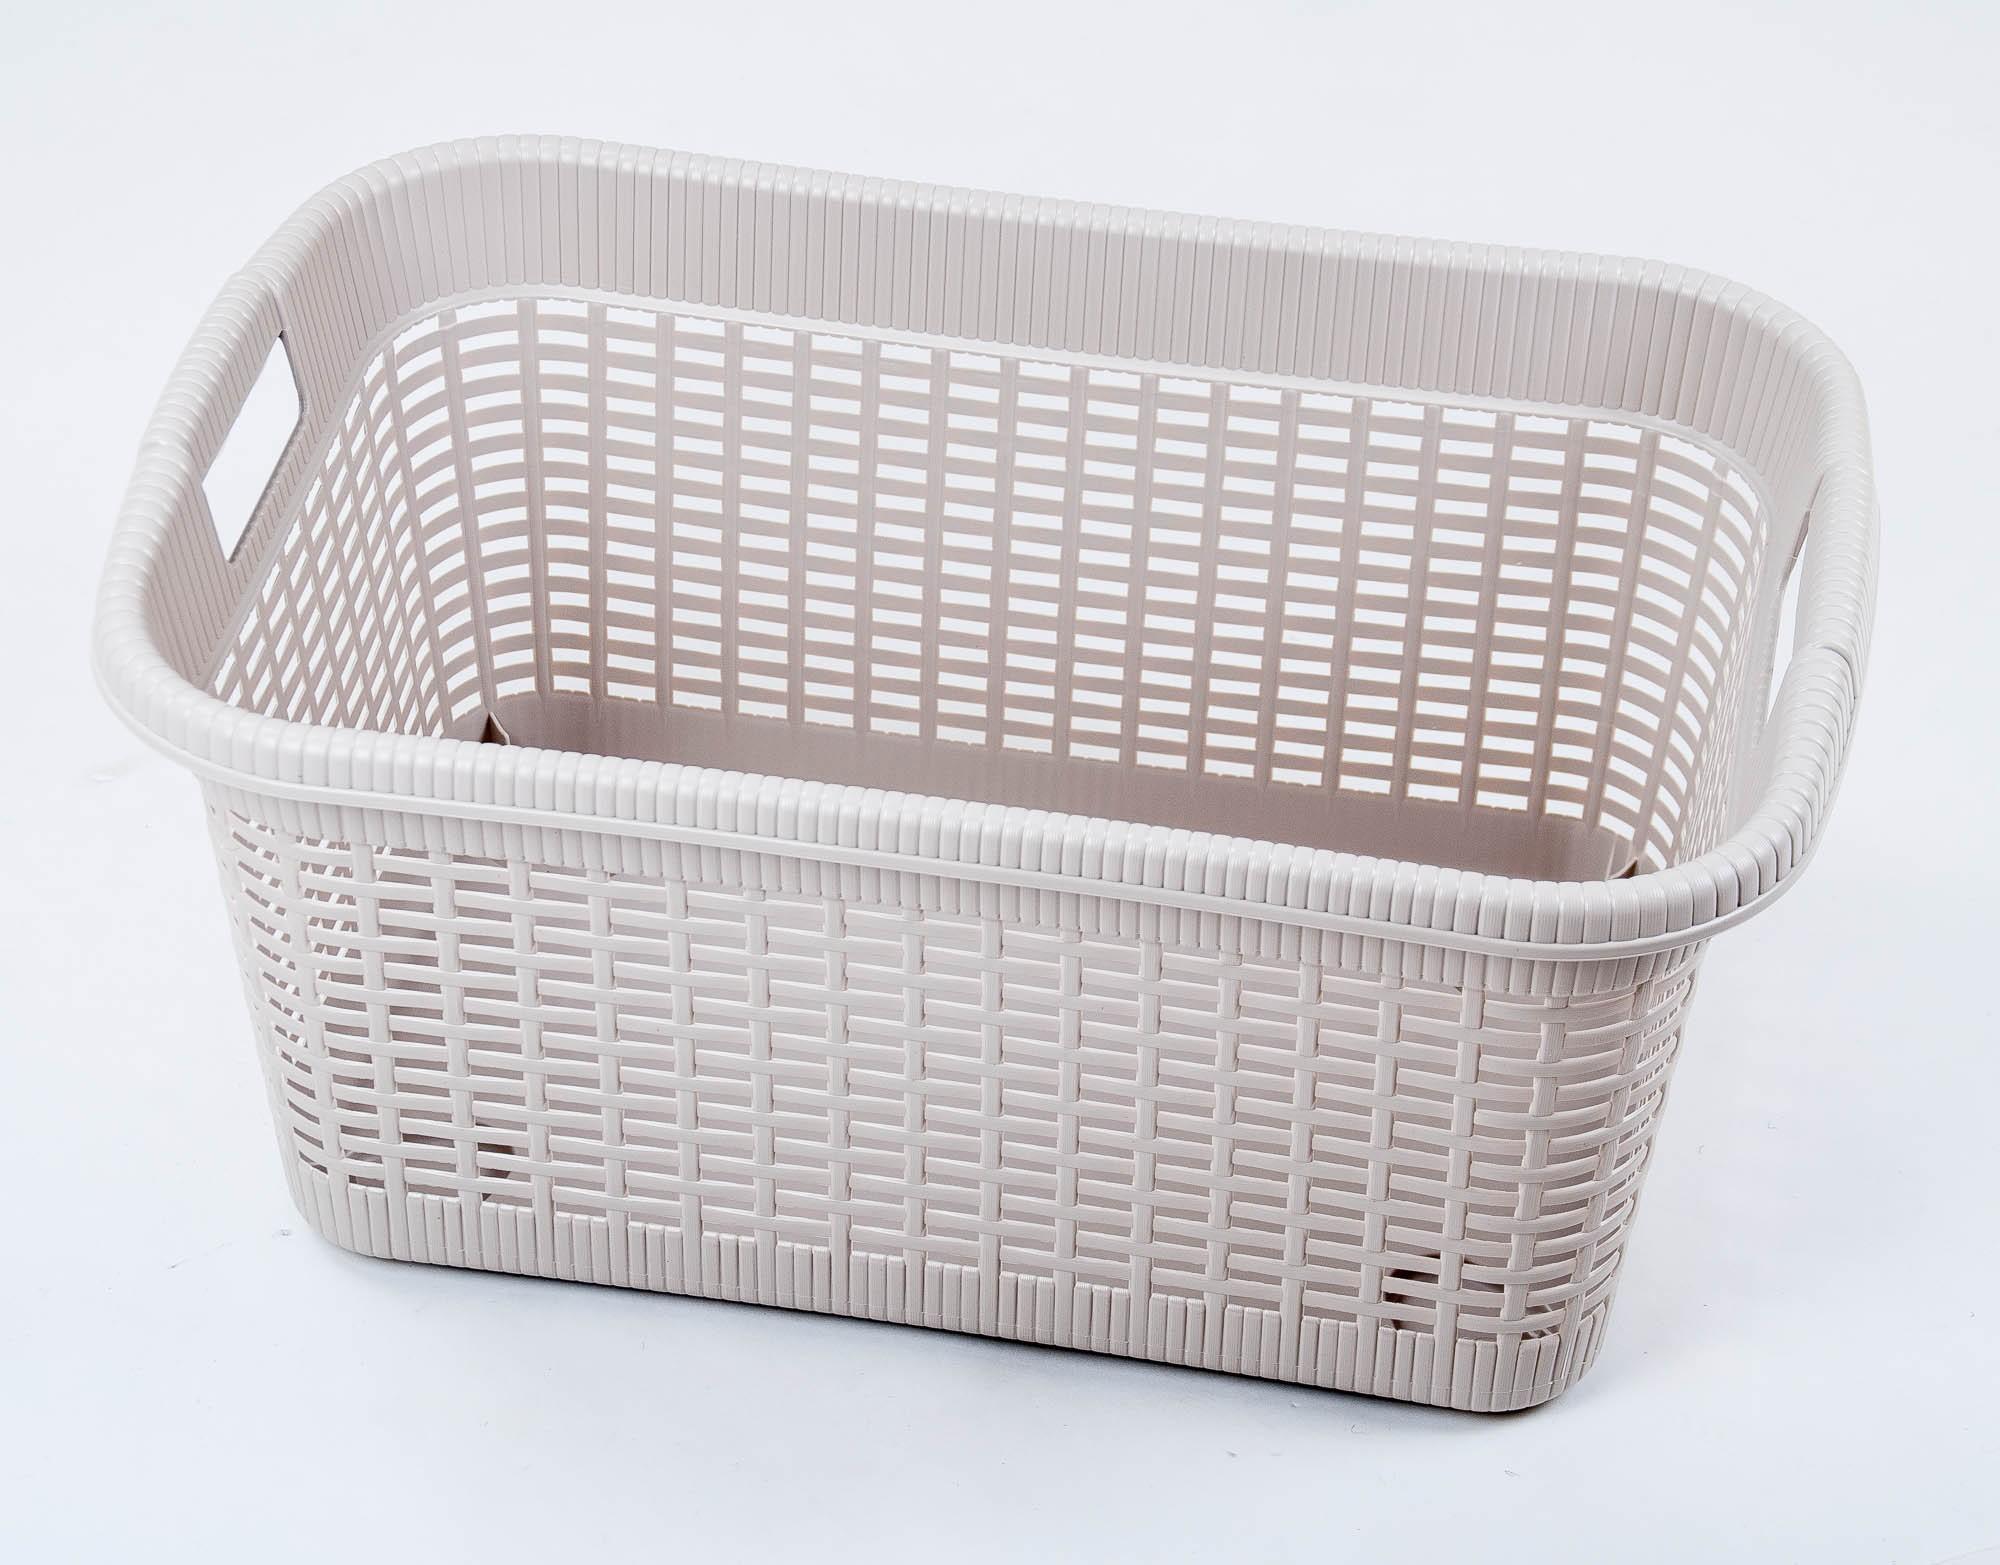 Gartenmobel Gunstig Nrw : Wäschekorb Rattan Optik ca 40 L Wäschekorb Wäschewanne Kunststoff